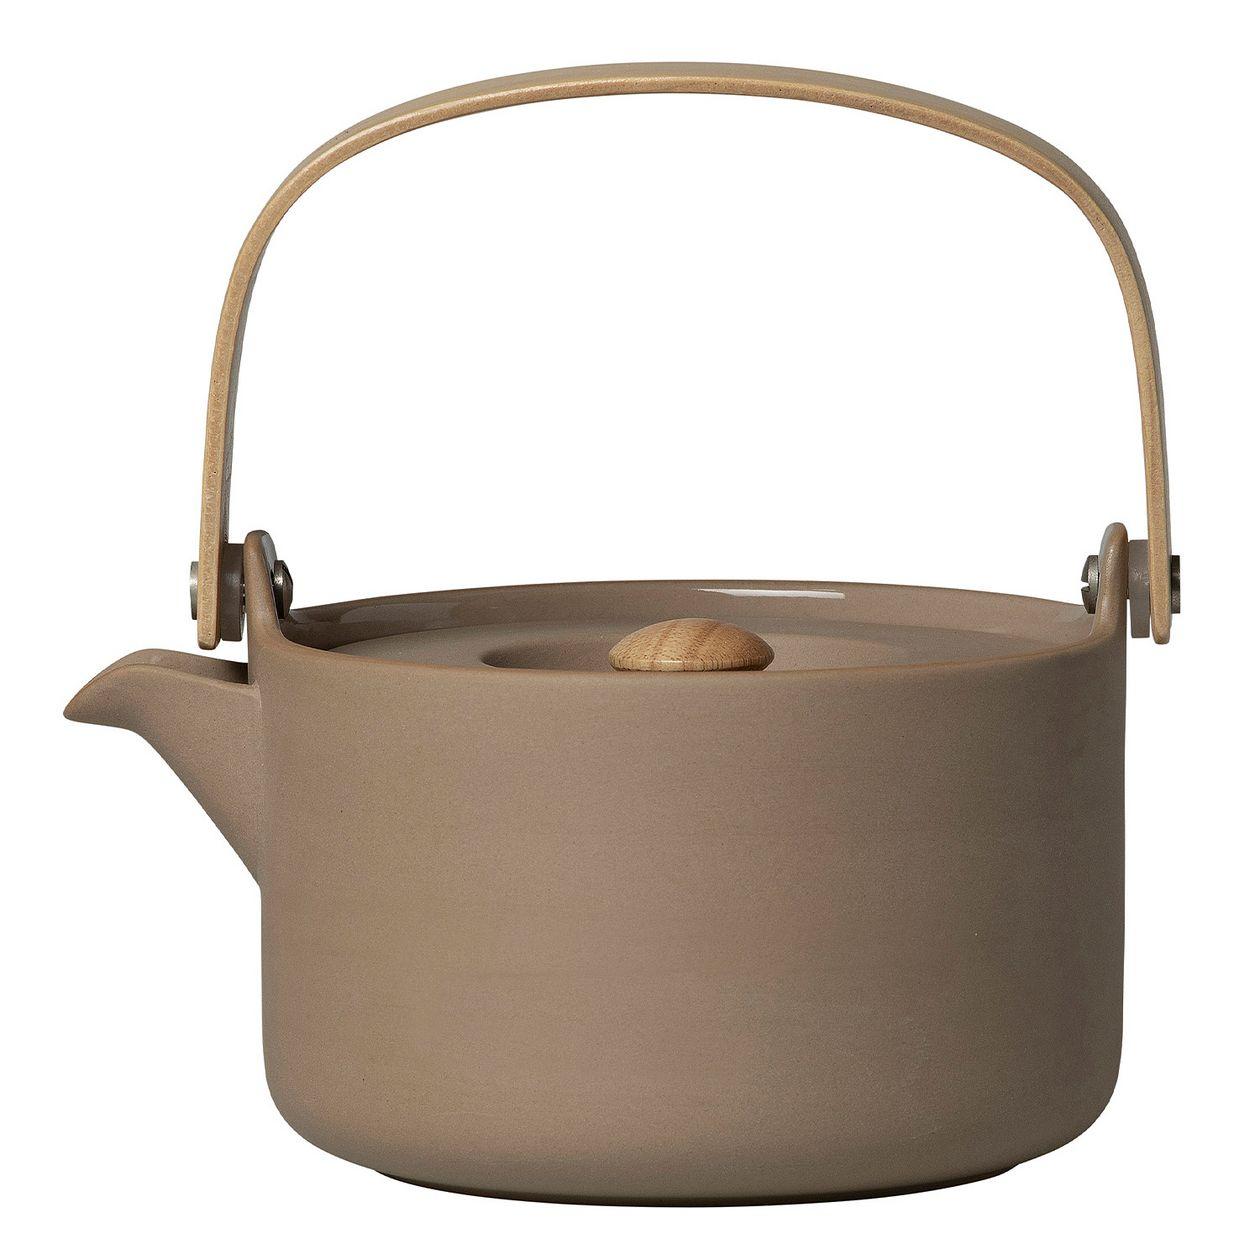 Marimekko Oiva teapot 0,7 L, terra